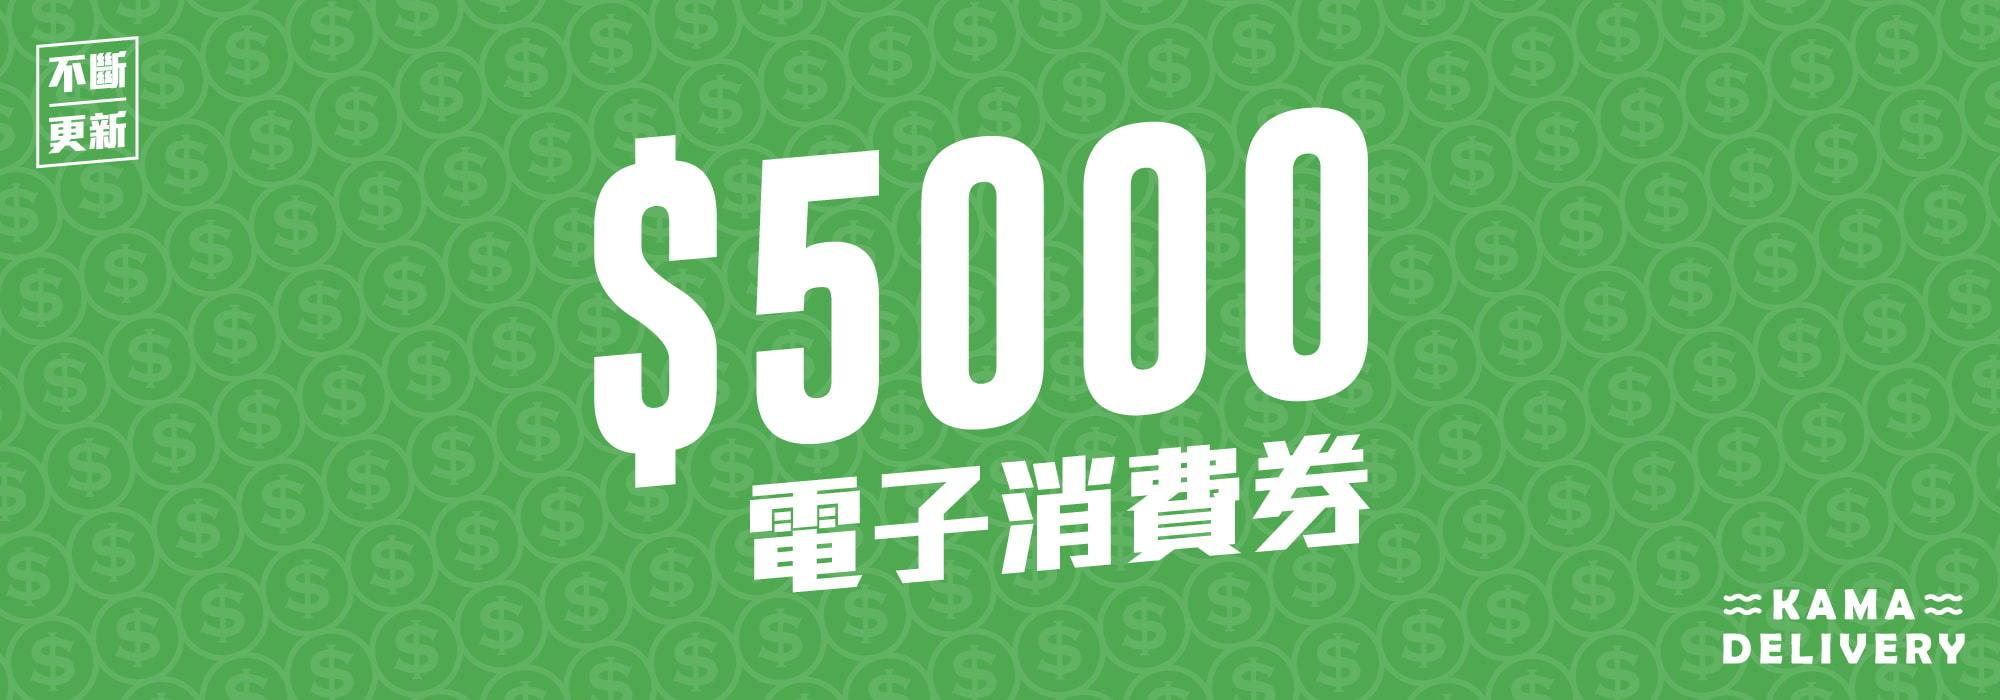 【政府派糖2021】6點必讀$5000電子消費券懶人包(持續更新)|Kama Delivery到會外賣速遞服務專家